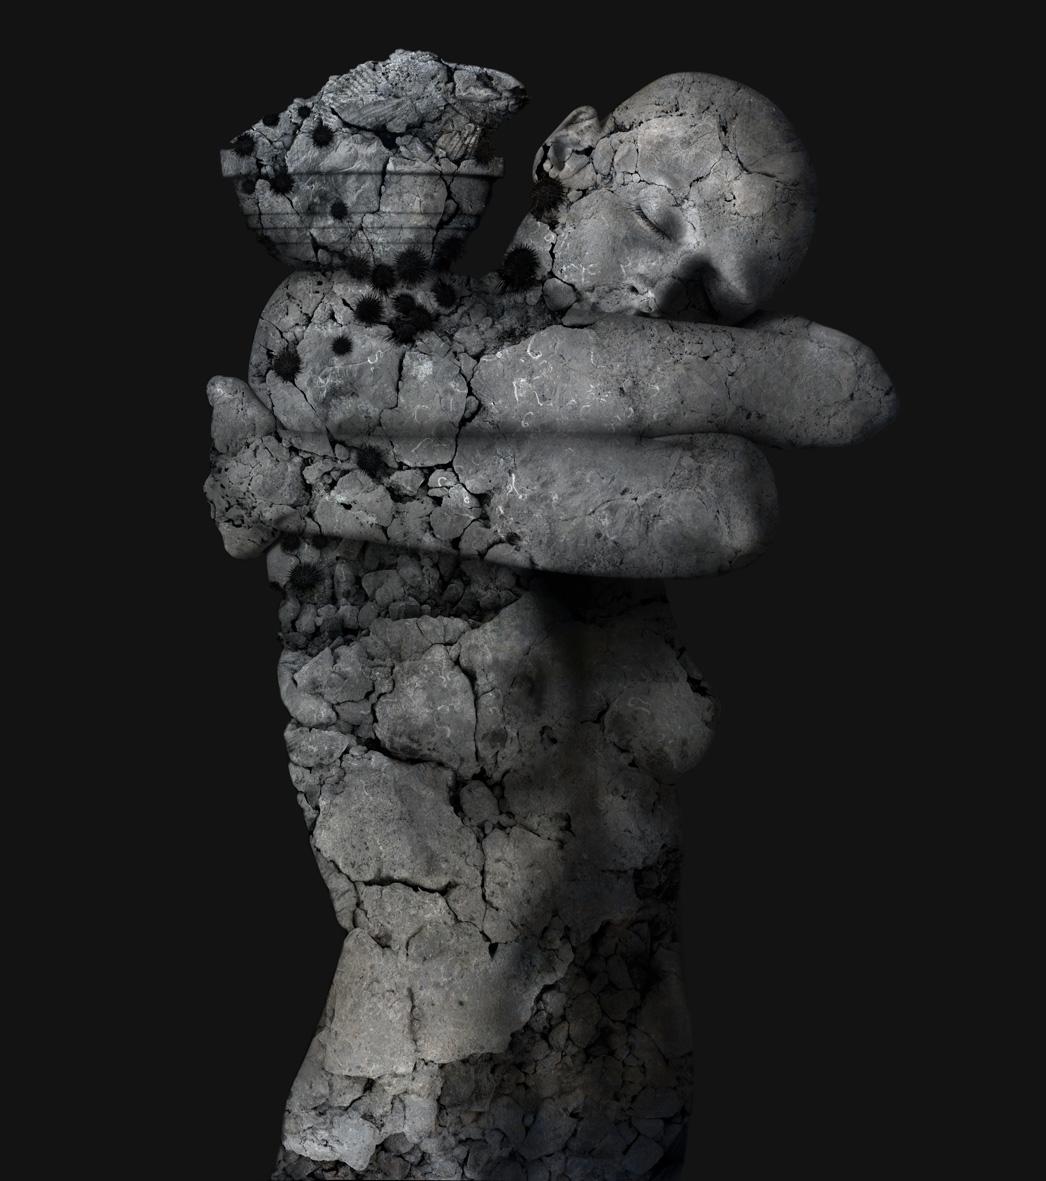 L'abbraccio della memoria. Serie Abissi e basse maree